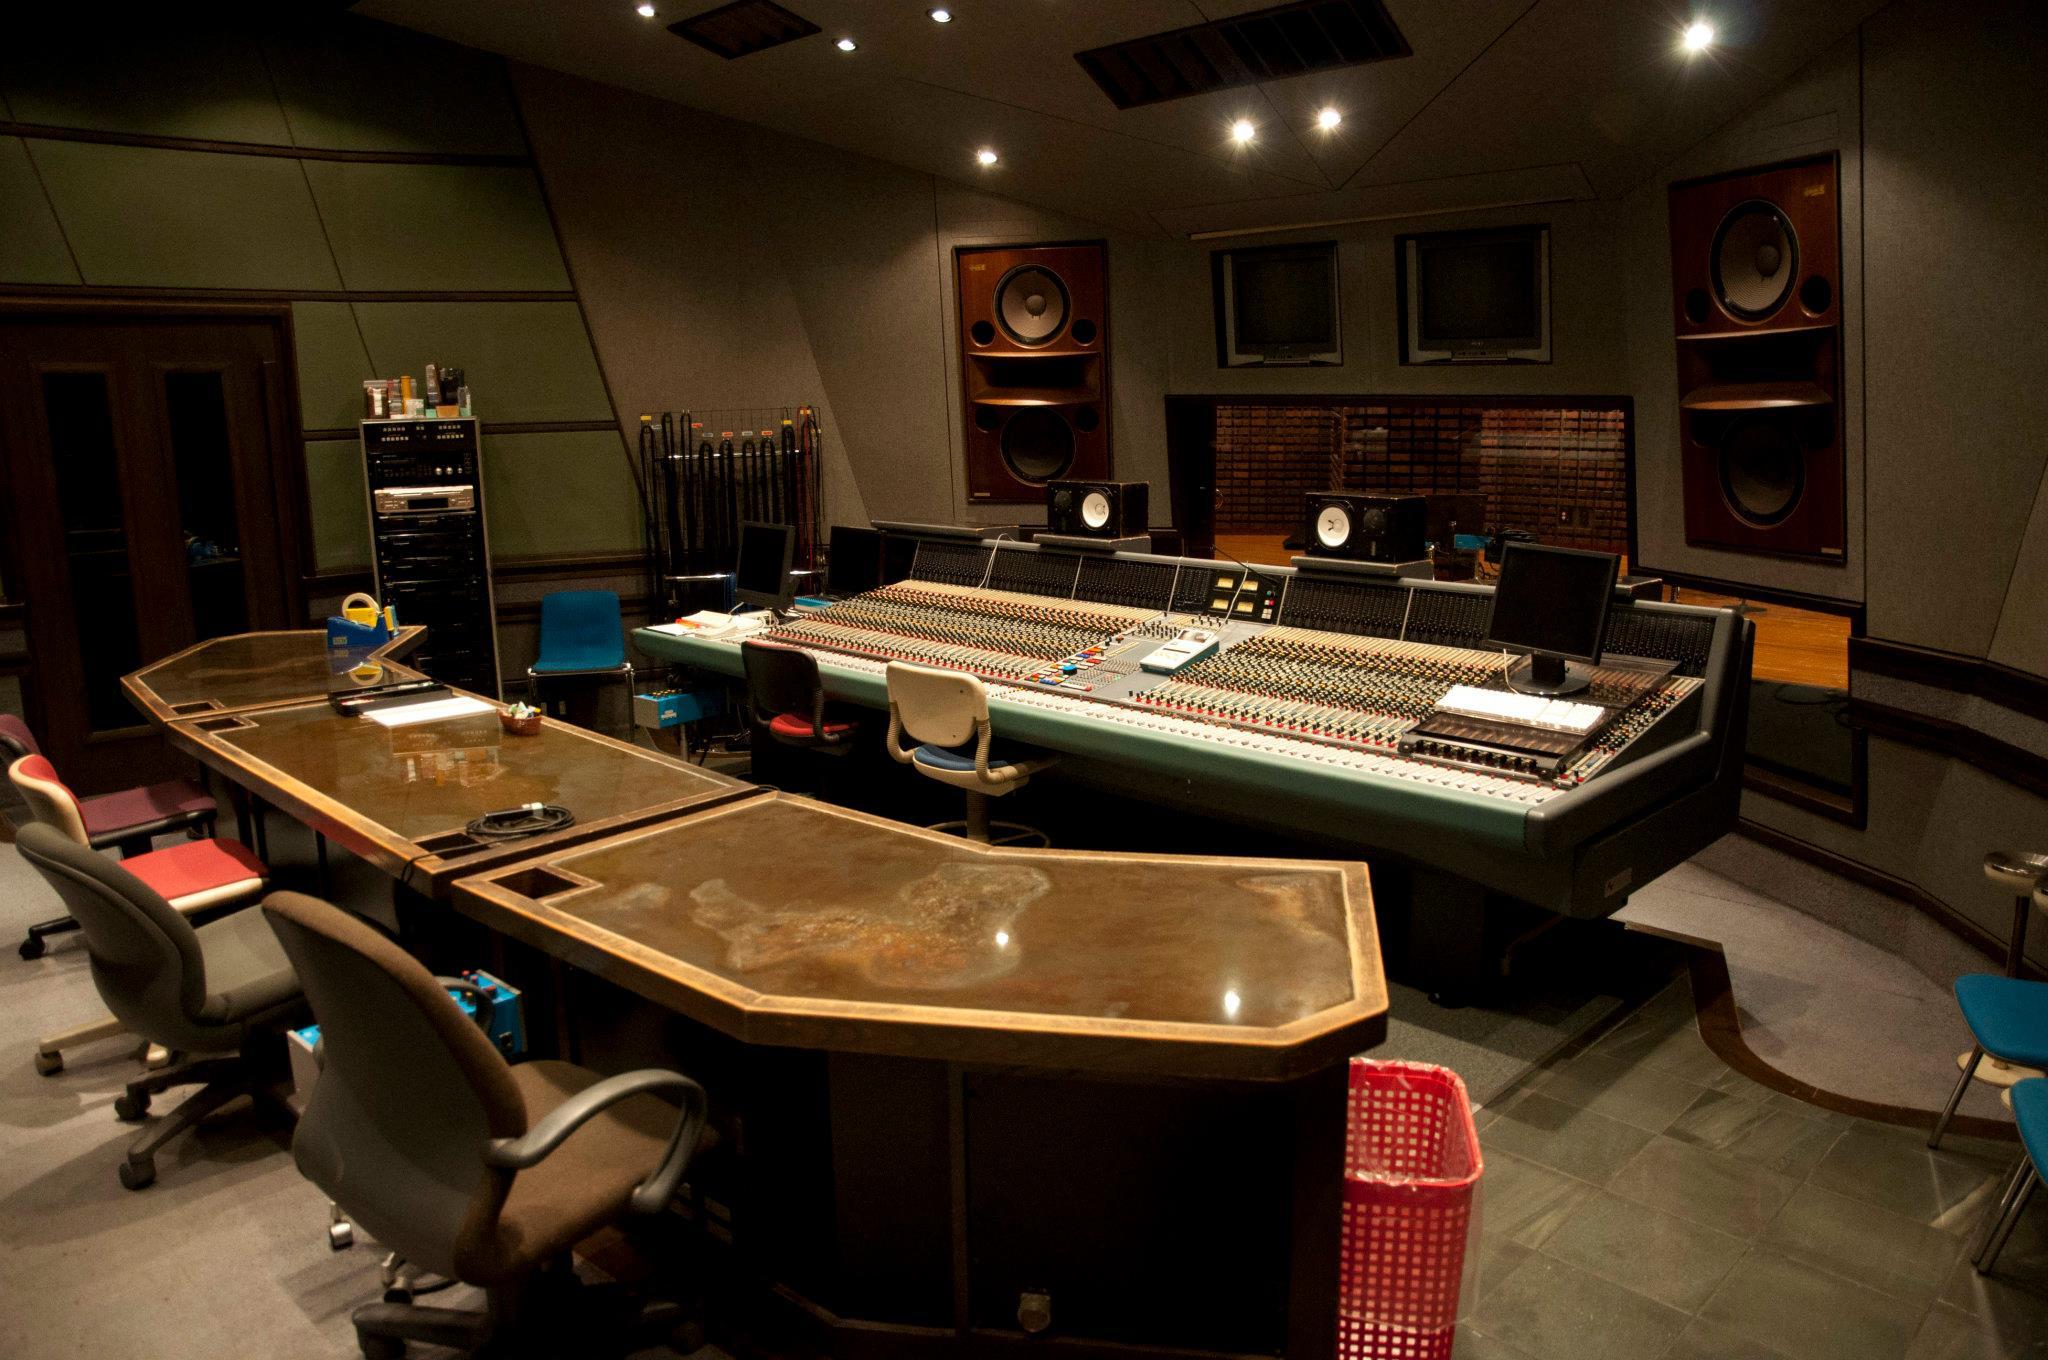 Recording Studio Control Room Walls